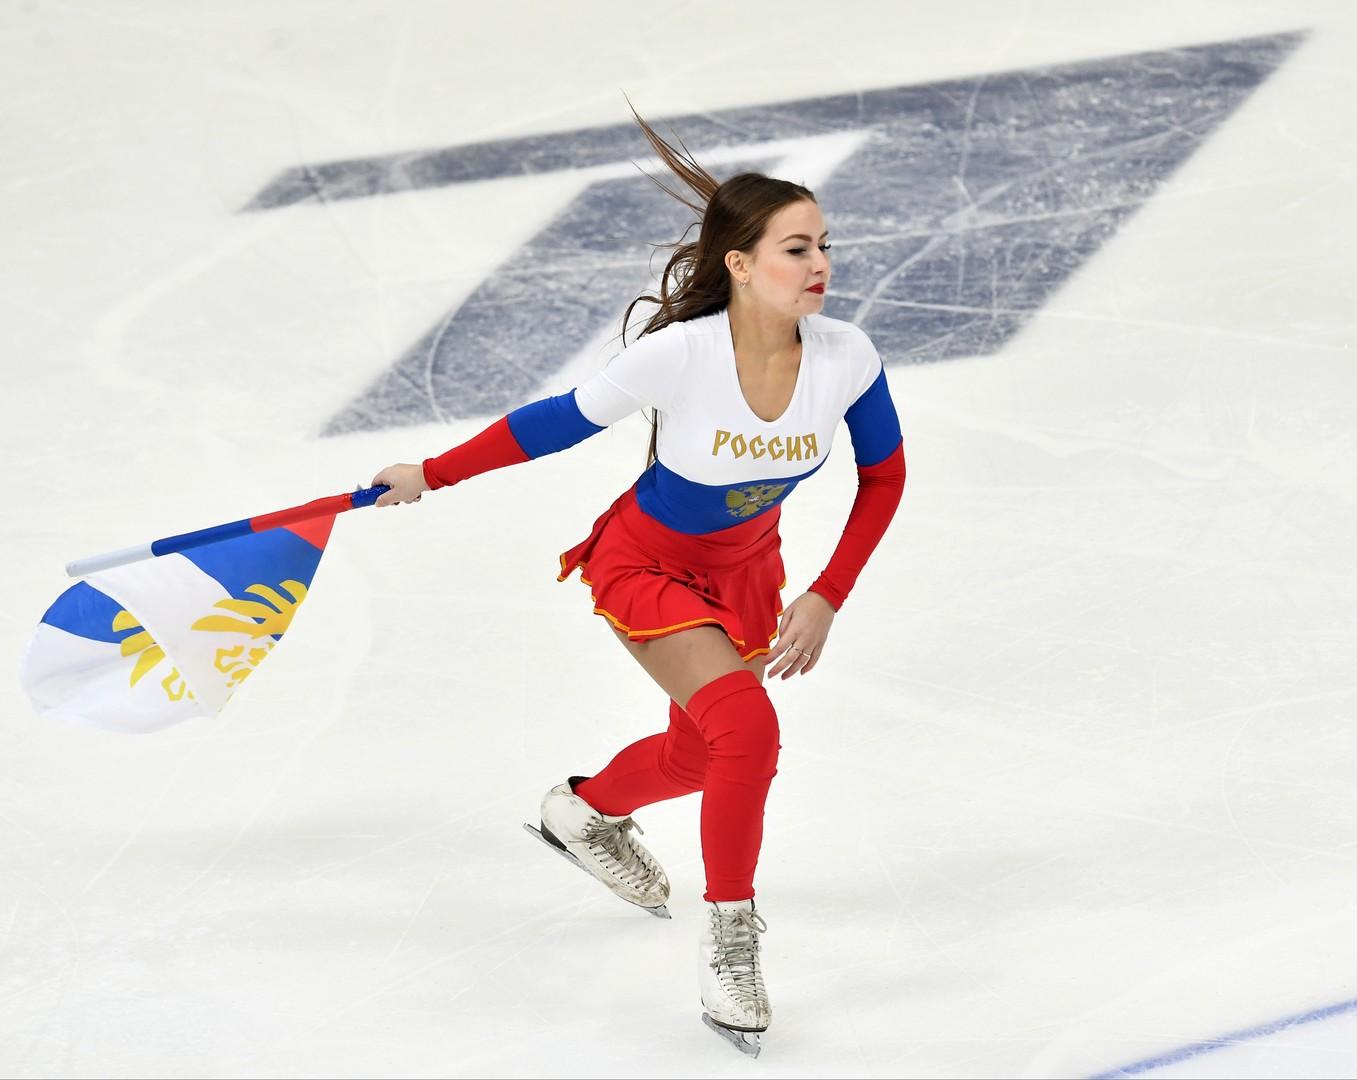 Помехи в эфире: отмена трансляции матча Россия-Чехия разочаровала болельщиков